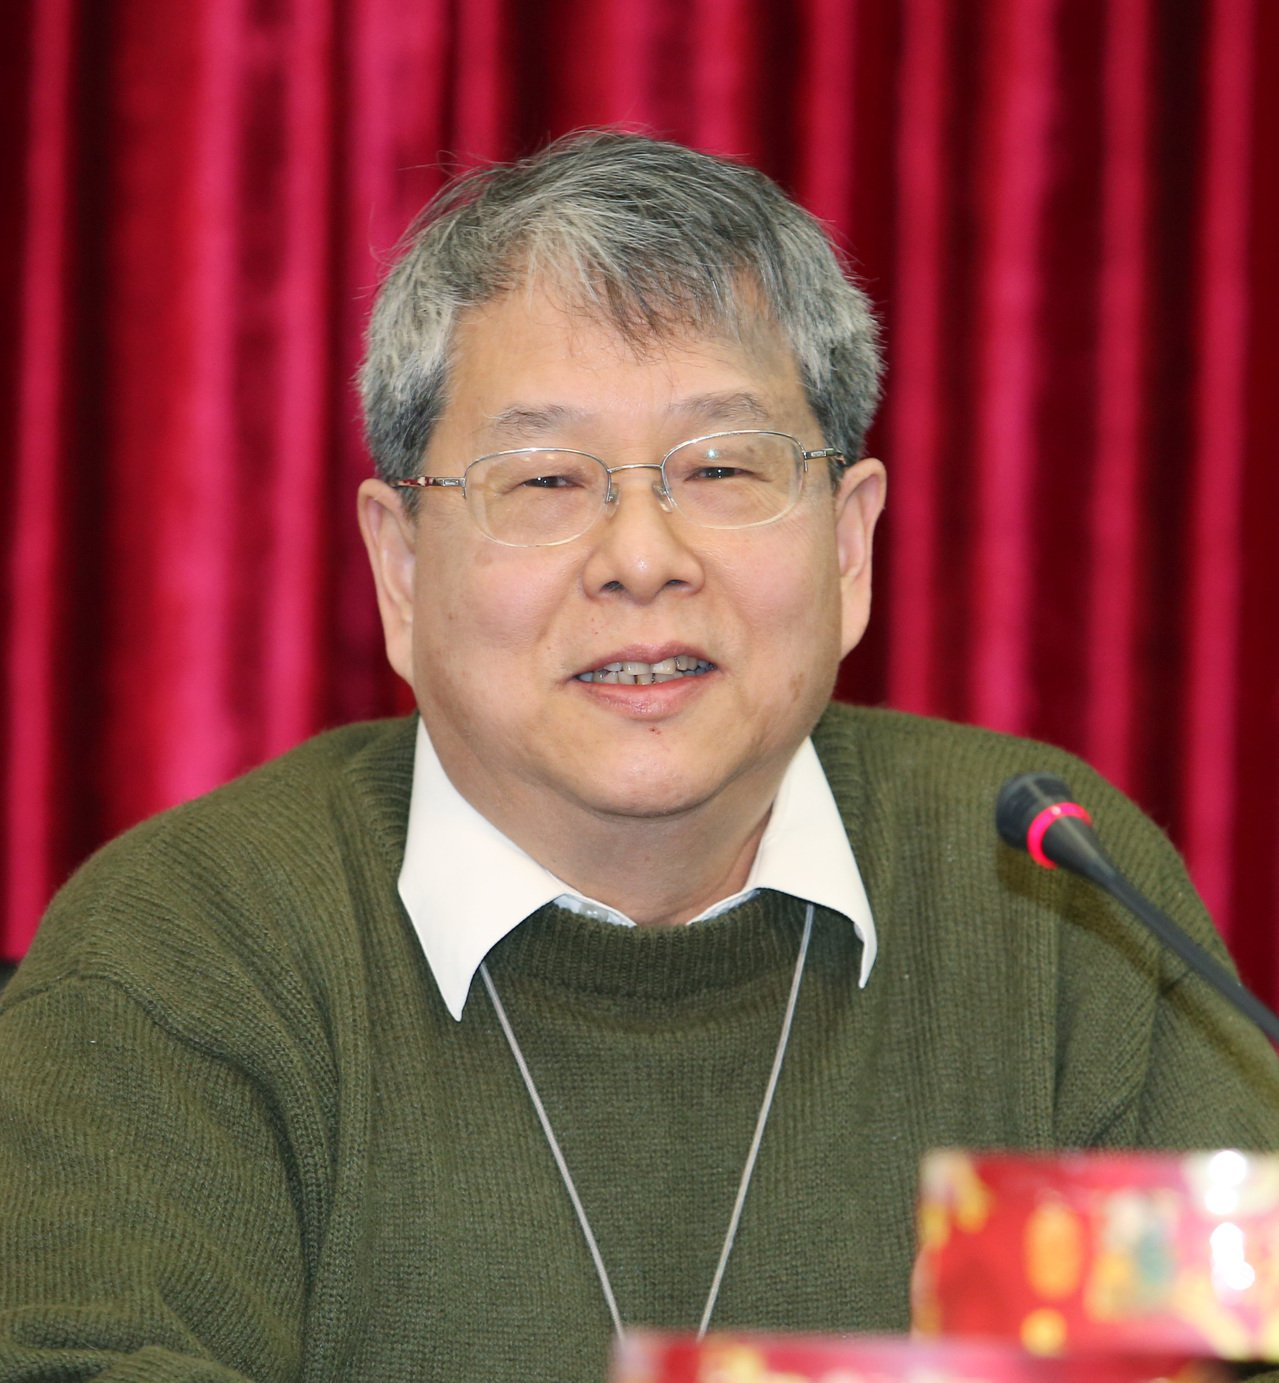 前總統府秘書長陳師孟。圖/聯合報系資料照片